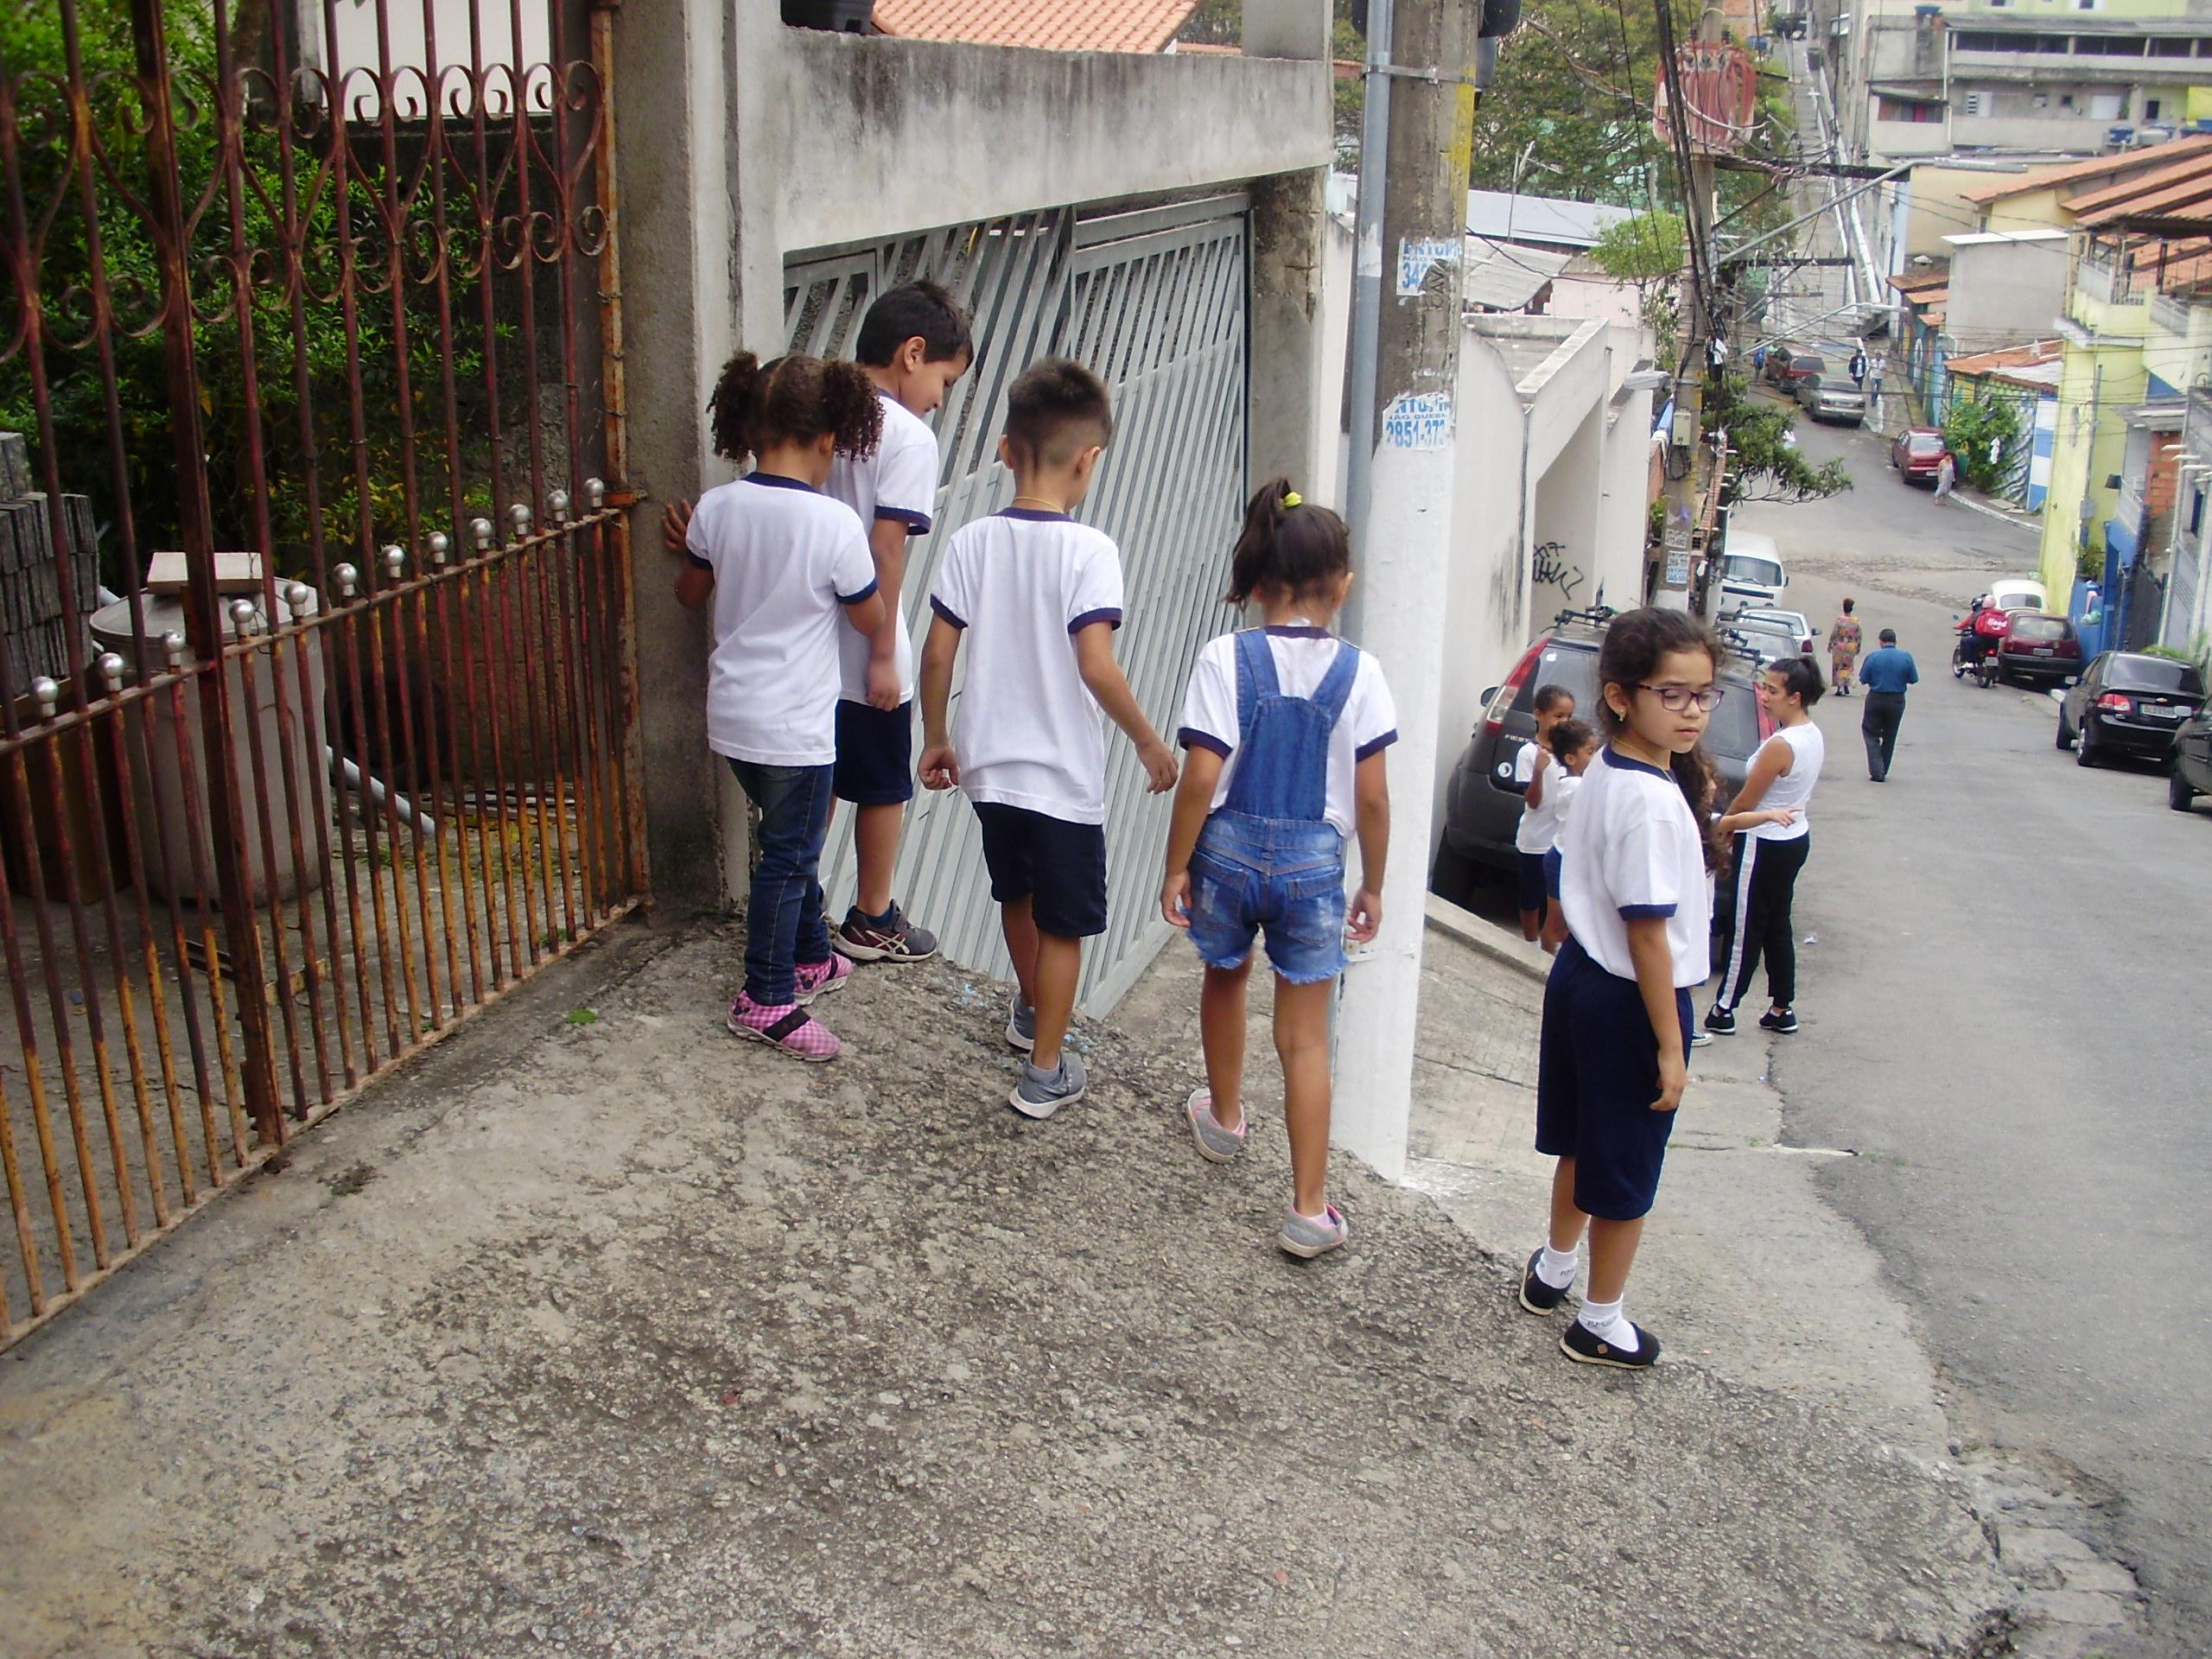 Grupo Emily, Maria Sofia, Ryan e Artur: Degraus para pular